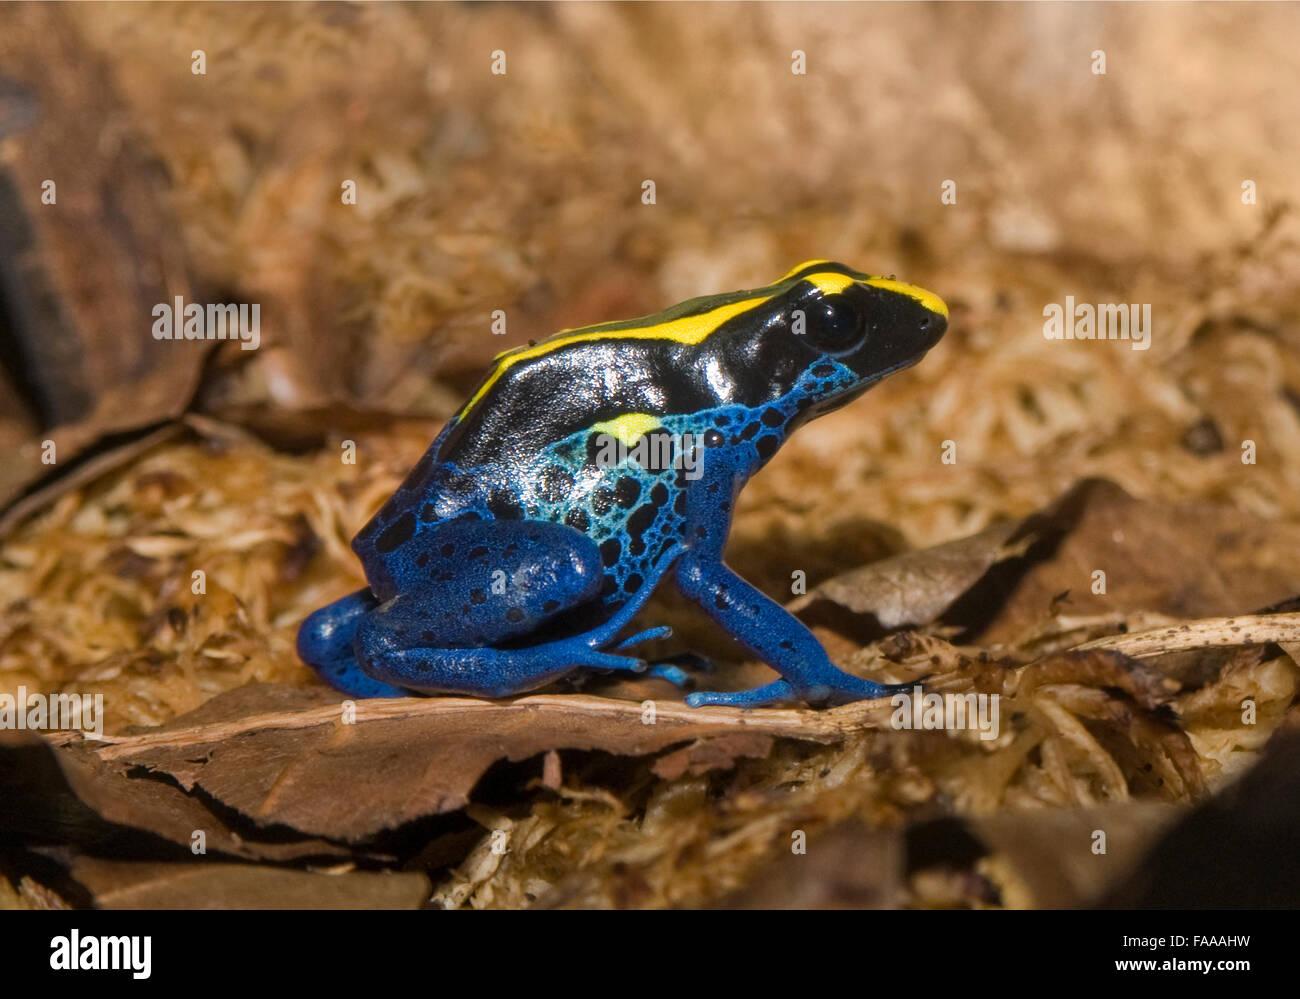 Poison dart frog, Dendrobates tinctorius. Una pequeña rana nativa de América del Sur. Conocida por su Imagen De Stock